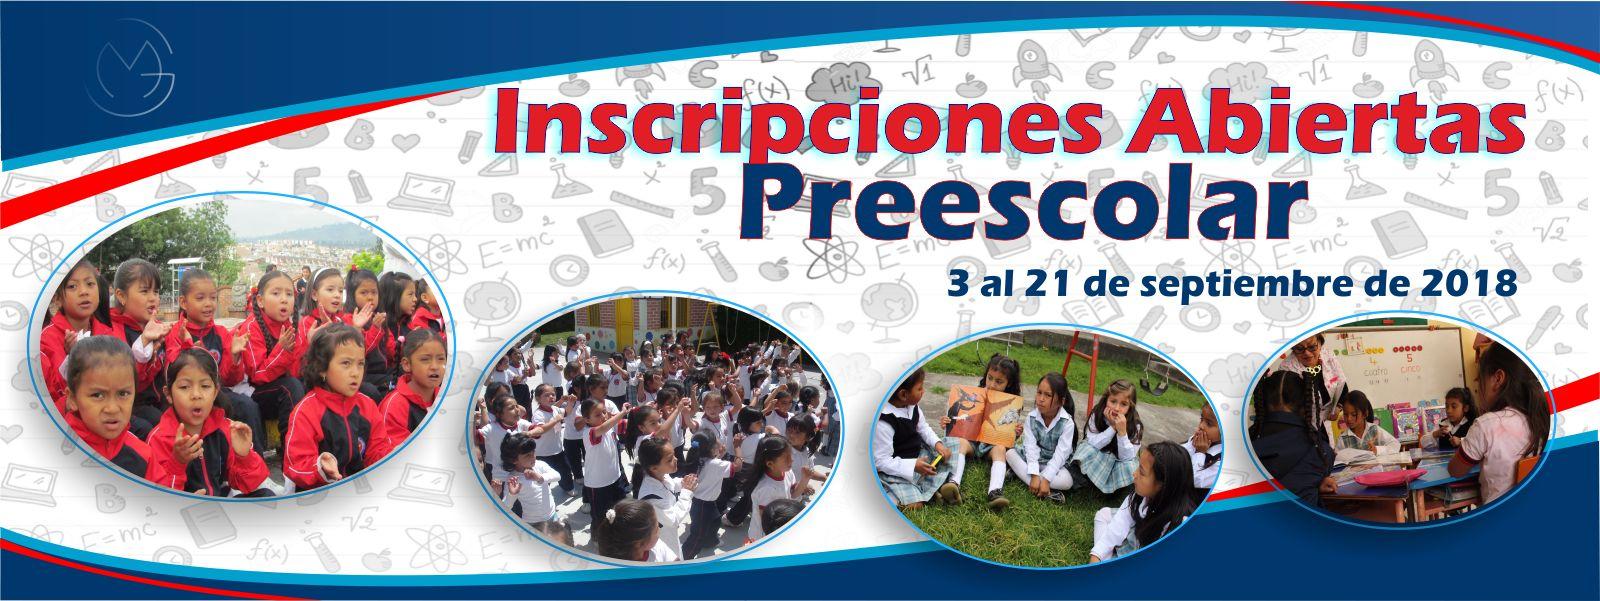 Preescolar - Inscripciones Abiertas